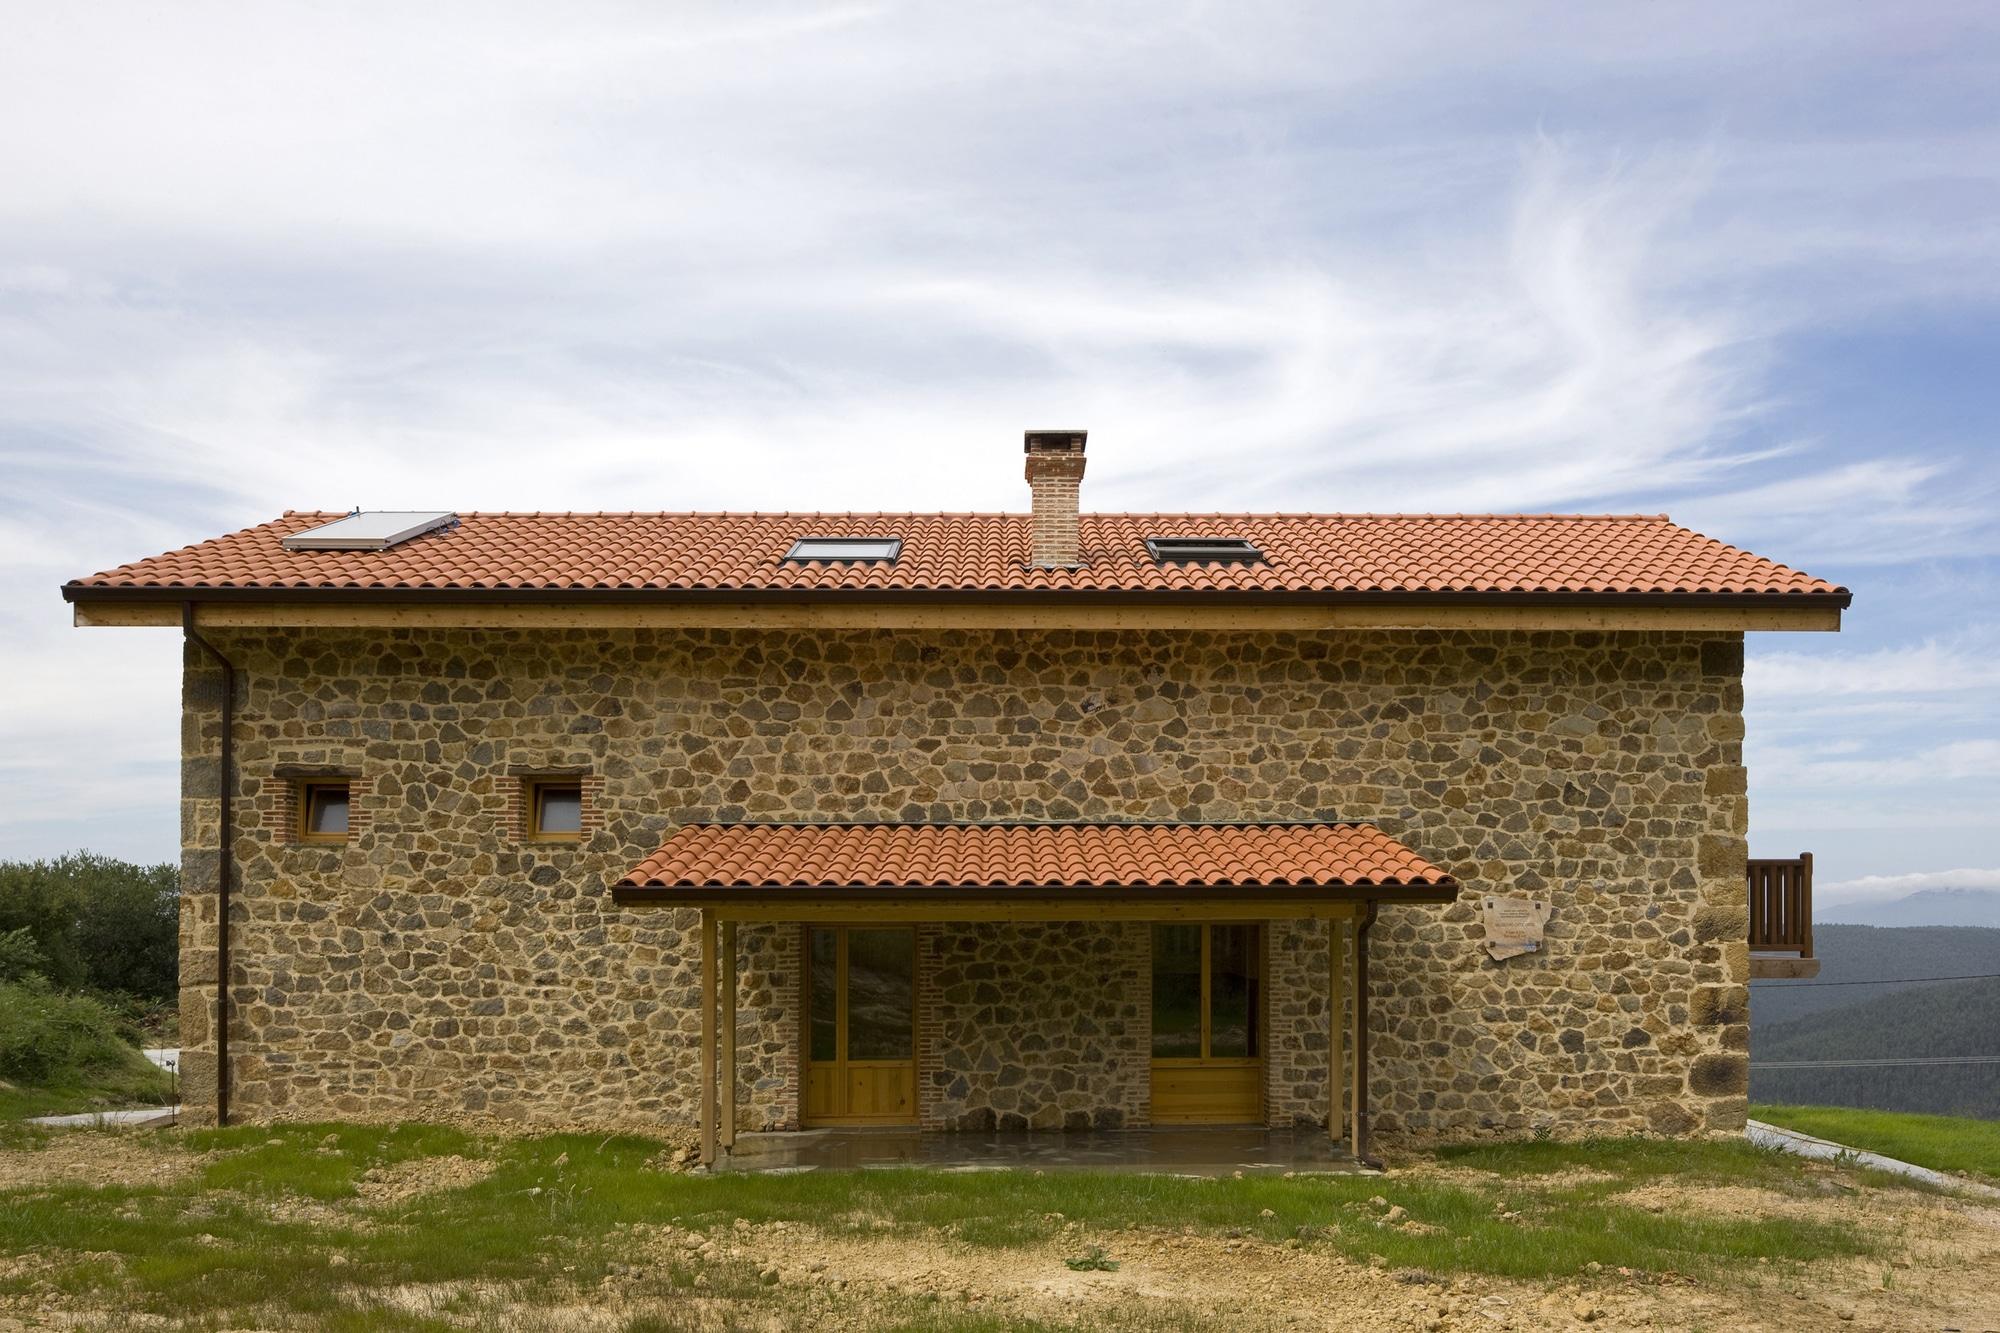 Dise o de casa r stica de piedra planos construye hogar - Casas rusticas modernas fotos ...